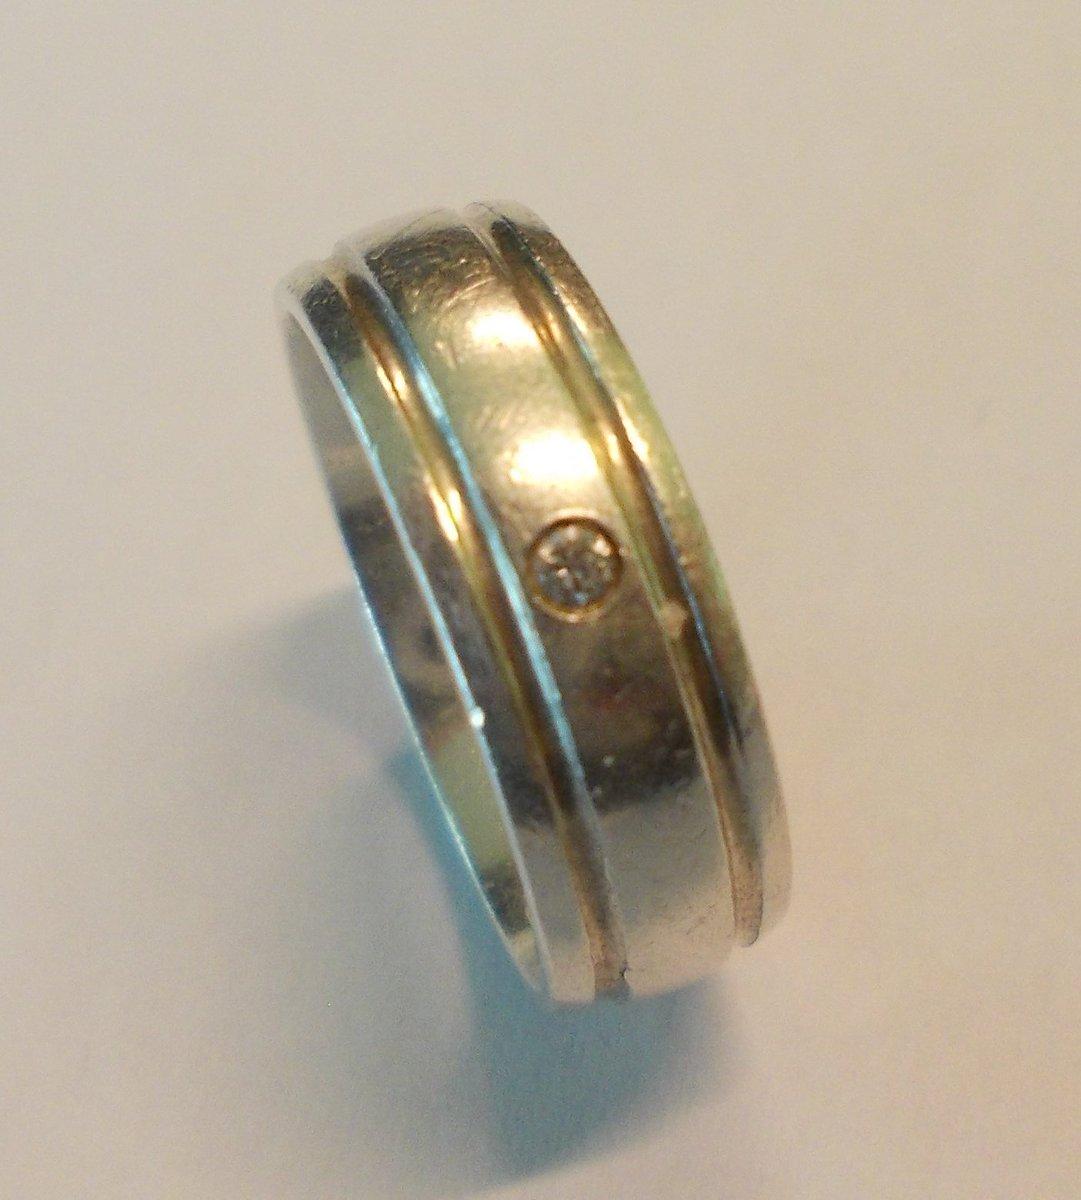 Ejer søges til vielsesring. Ringen er indleveret som hittegods i Roskilde. Ring 114. #politidk https://t.co/ixURkRSY3L